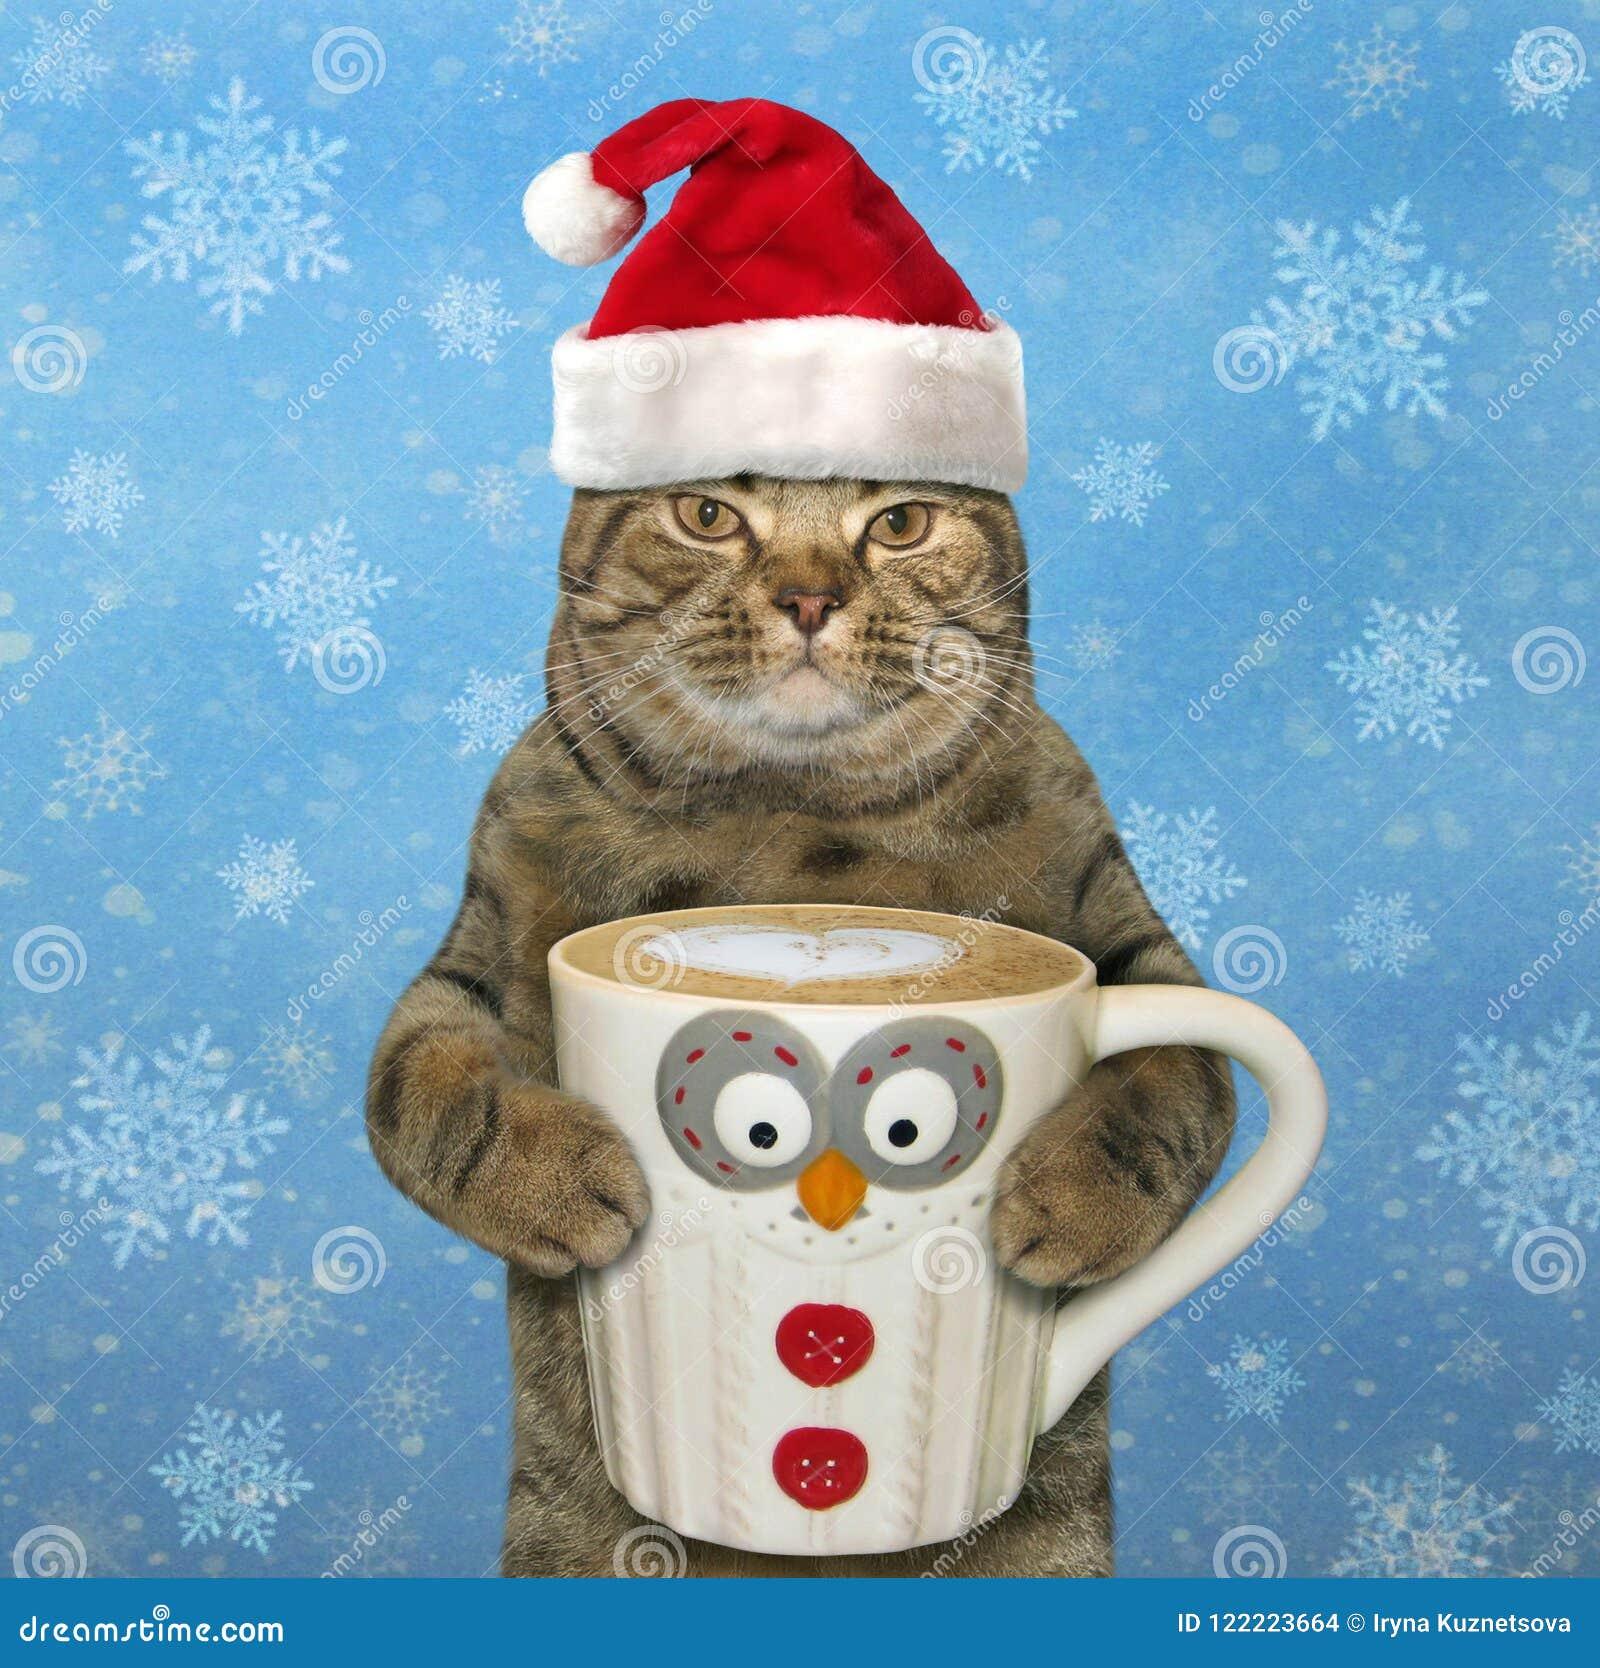 Katze mit einem großen Tasse Kaffee